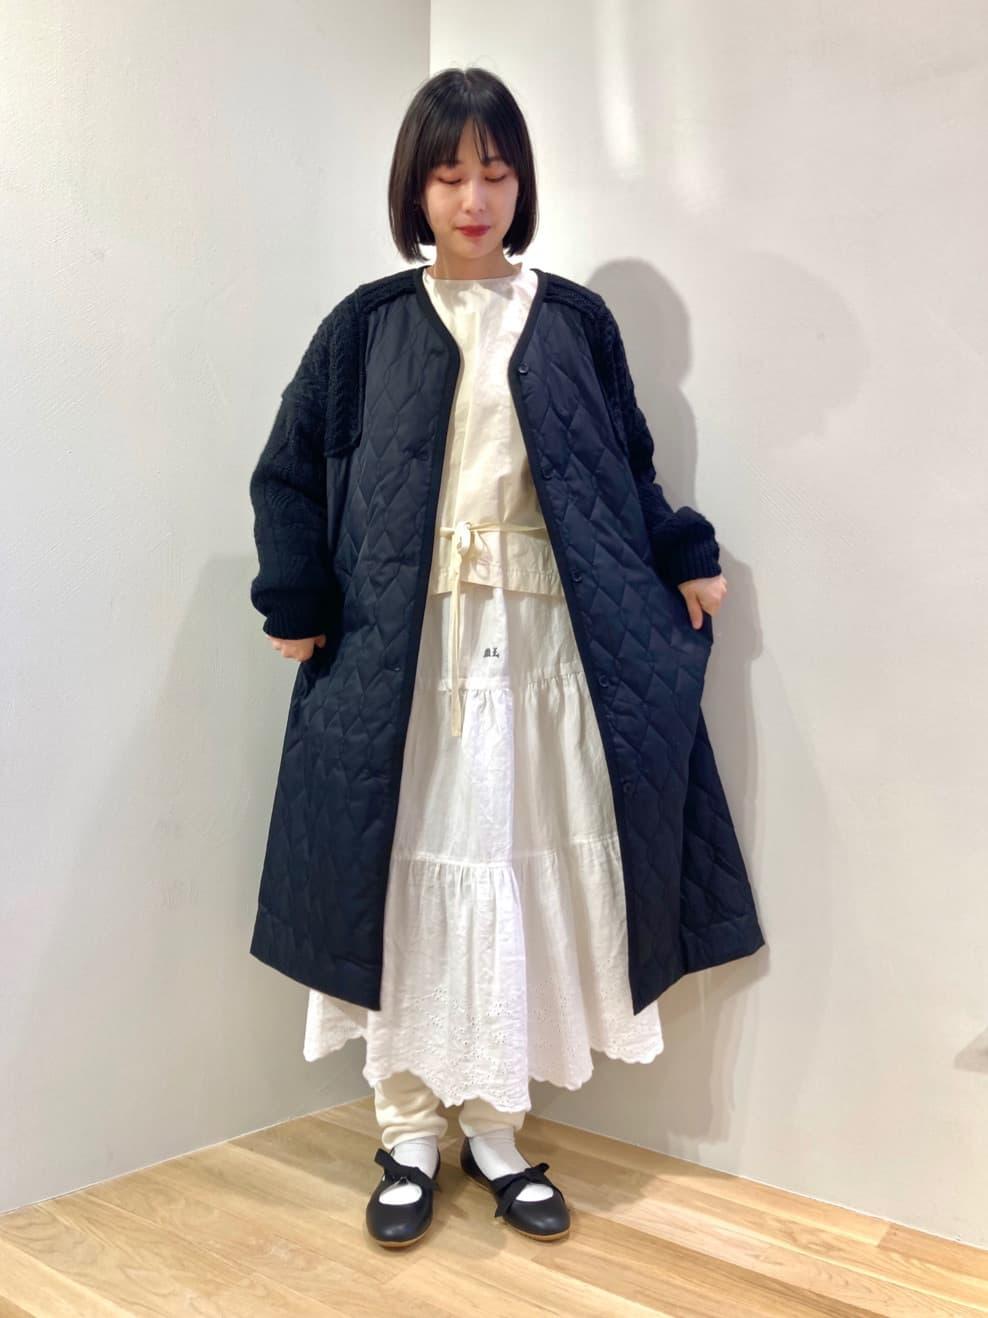 - l'atelier du savon circle in circle ラフォーレ原宿 身長:157cm 2021.10.26